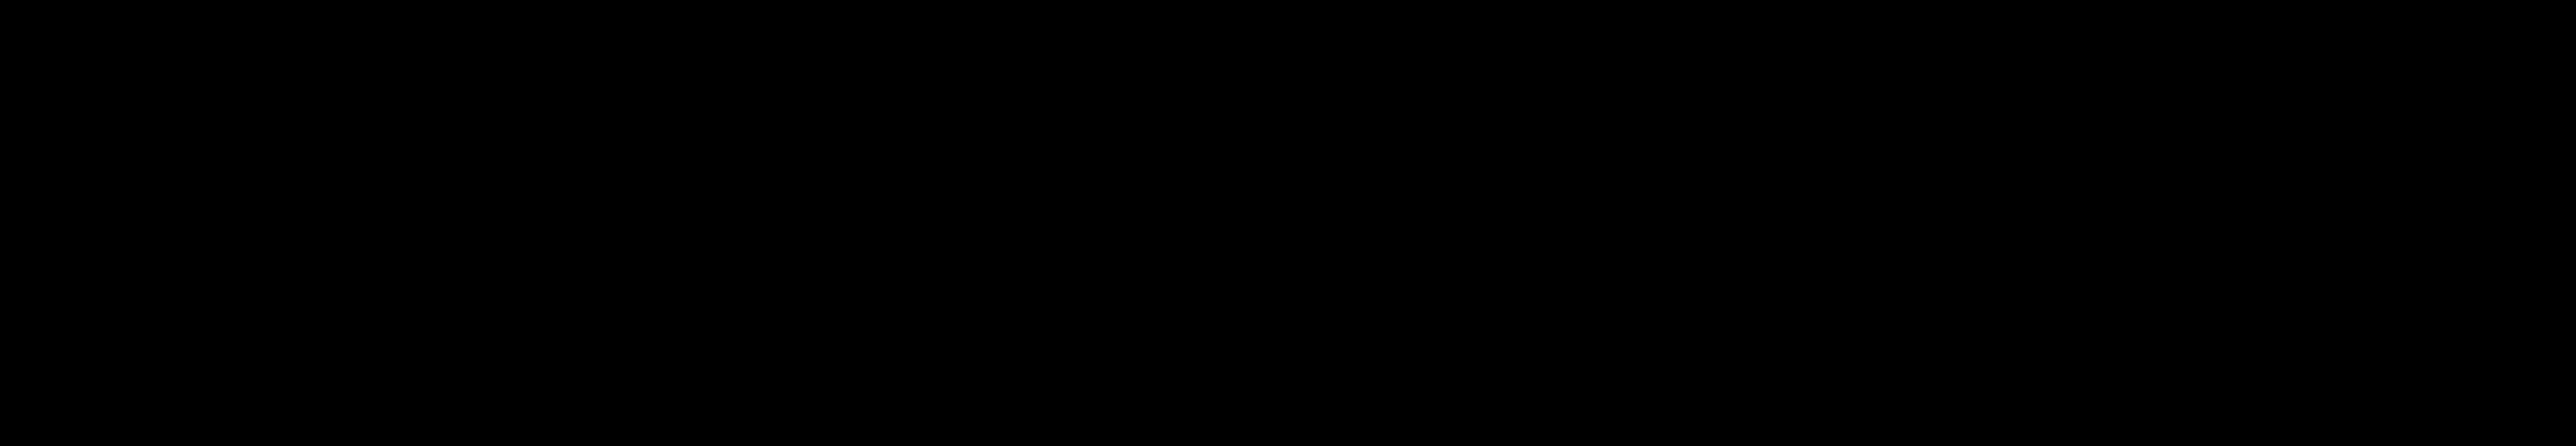 Dodge Viper – Logos Download